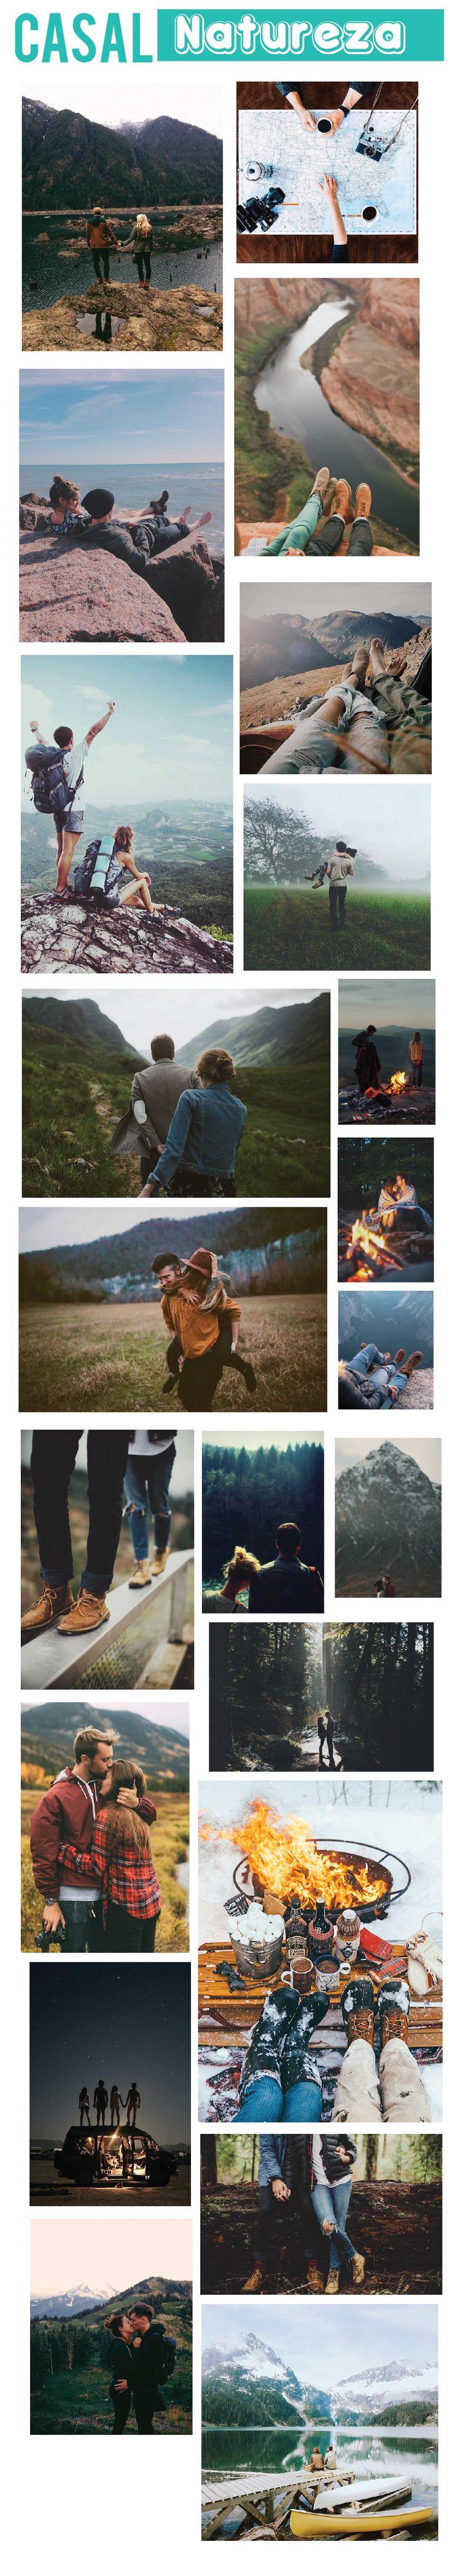 casal-natureza-inspirac3a7c3a3o-como-tirar-foto-com-o-namorado-marido-fotos-viagem-nature-couple-casais-van-paisagem-vista-fotografias-estilo-tumblr-eusem-qualidades-blog.png (826×4708)